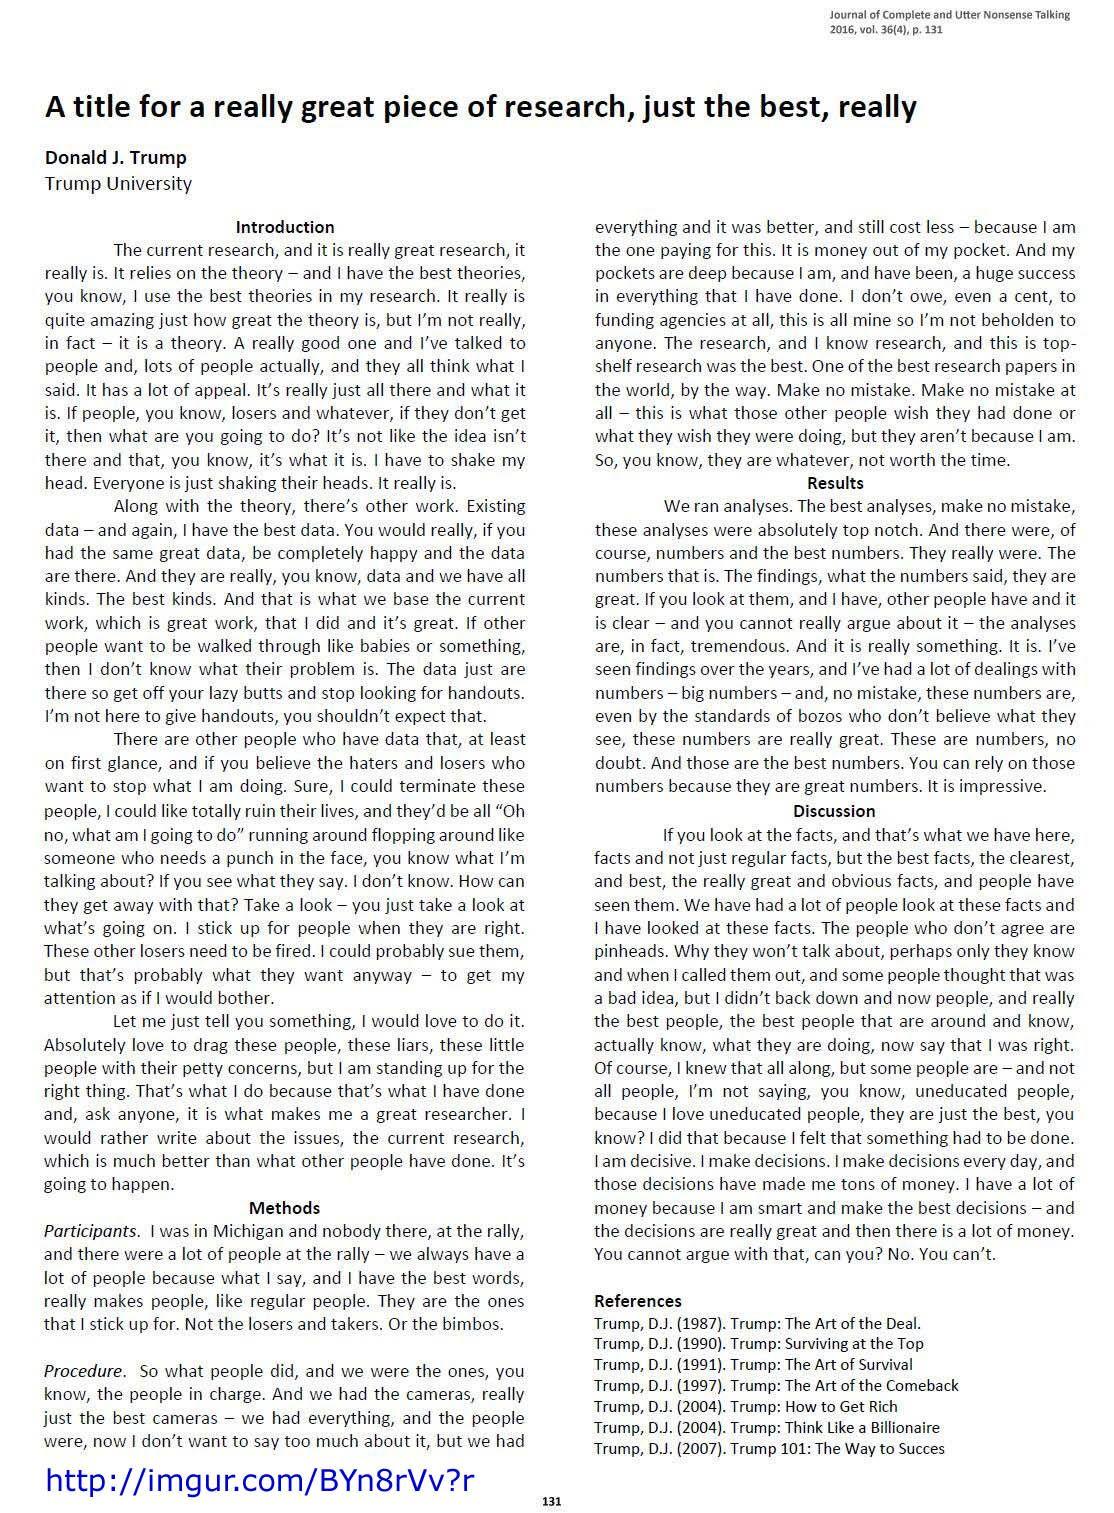 essay my best leader social worker